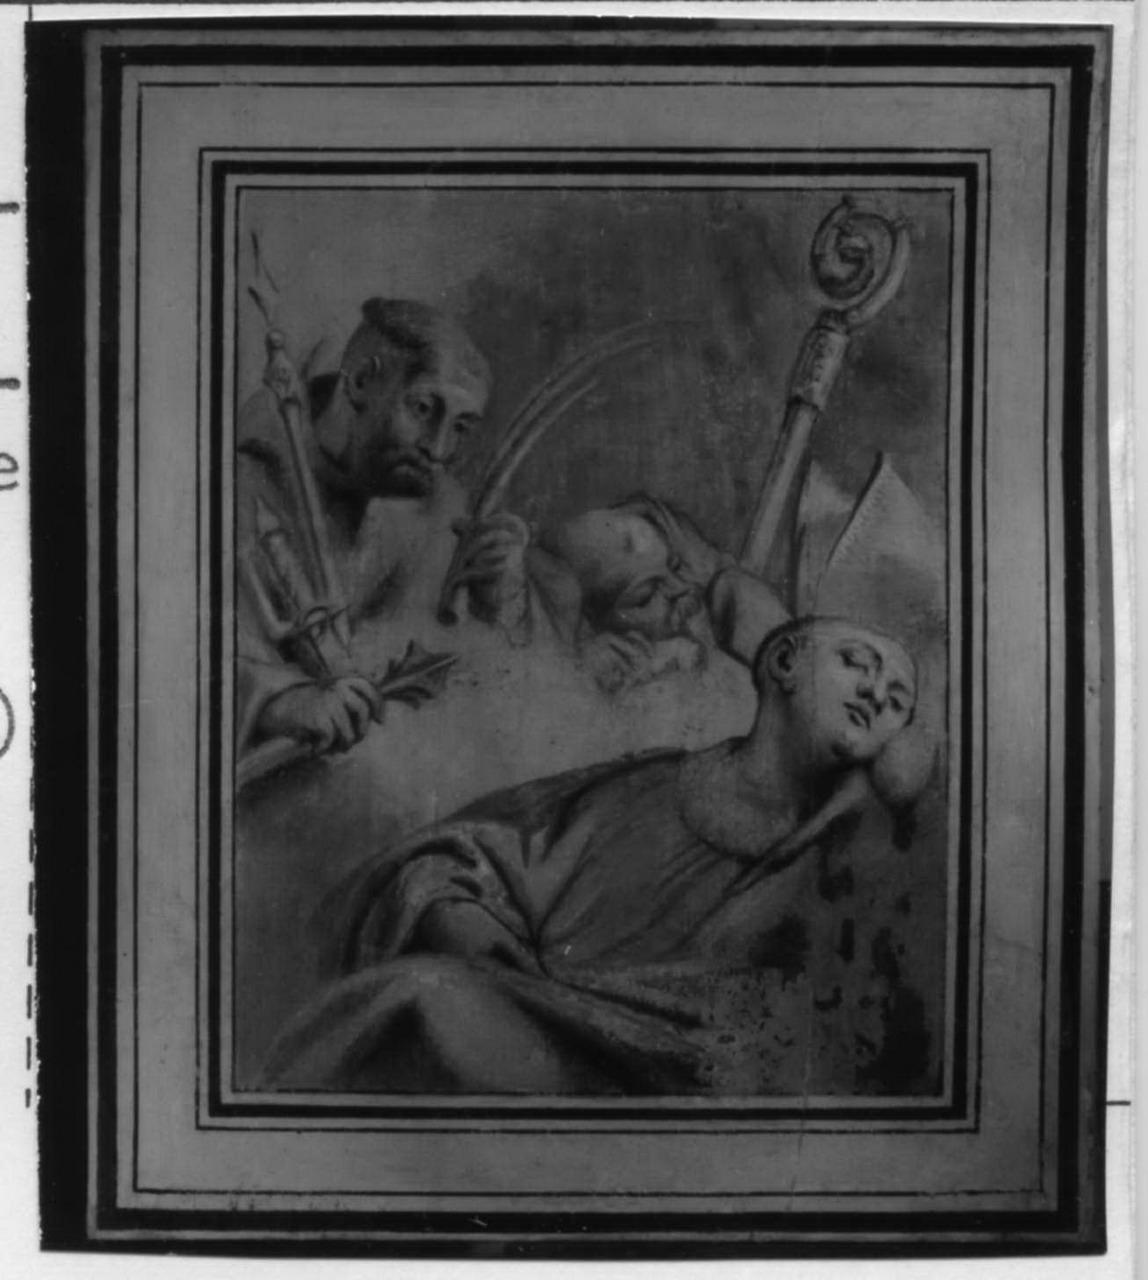 visione di un frate (dipinto) di Solieri Giuseppe detto Fra' Stefano da Carpi (metà sec. XVIII)